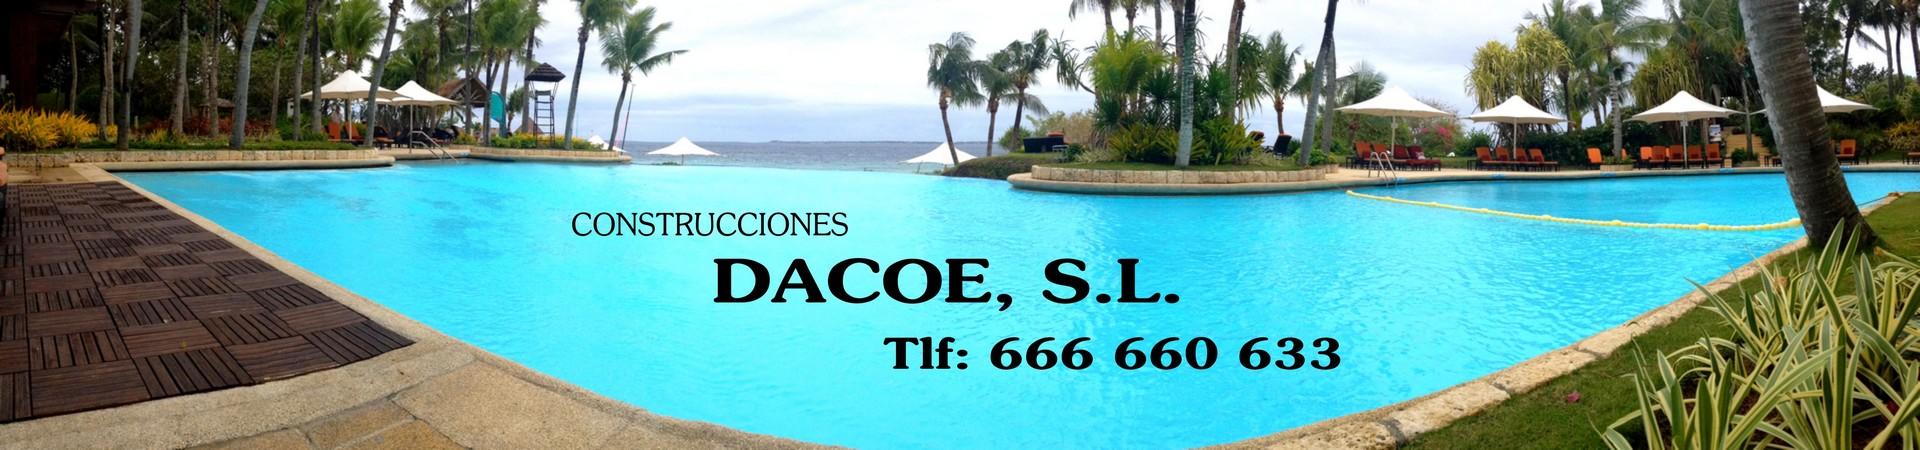 Construcciones Dacoe S.L, Dacoe , piscinas en villanueva , piscinas en don benito